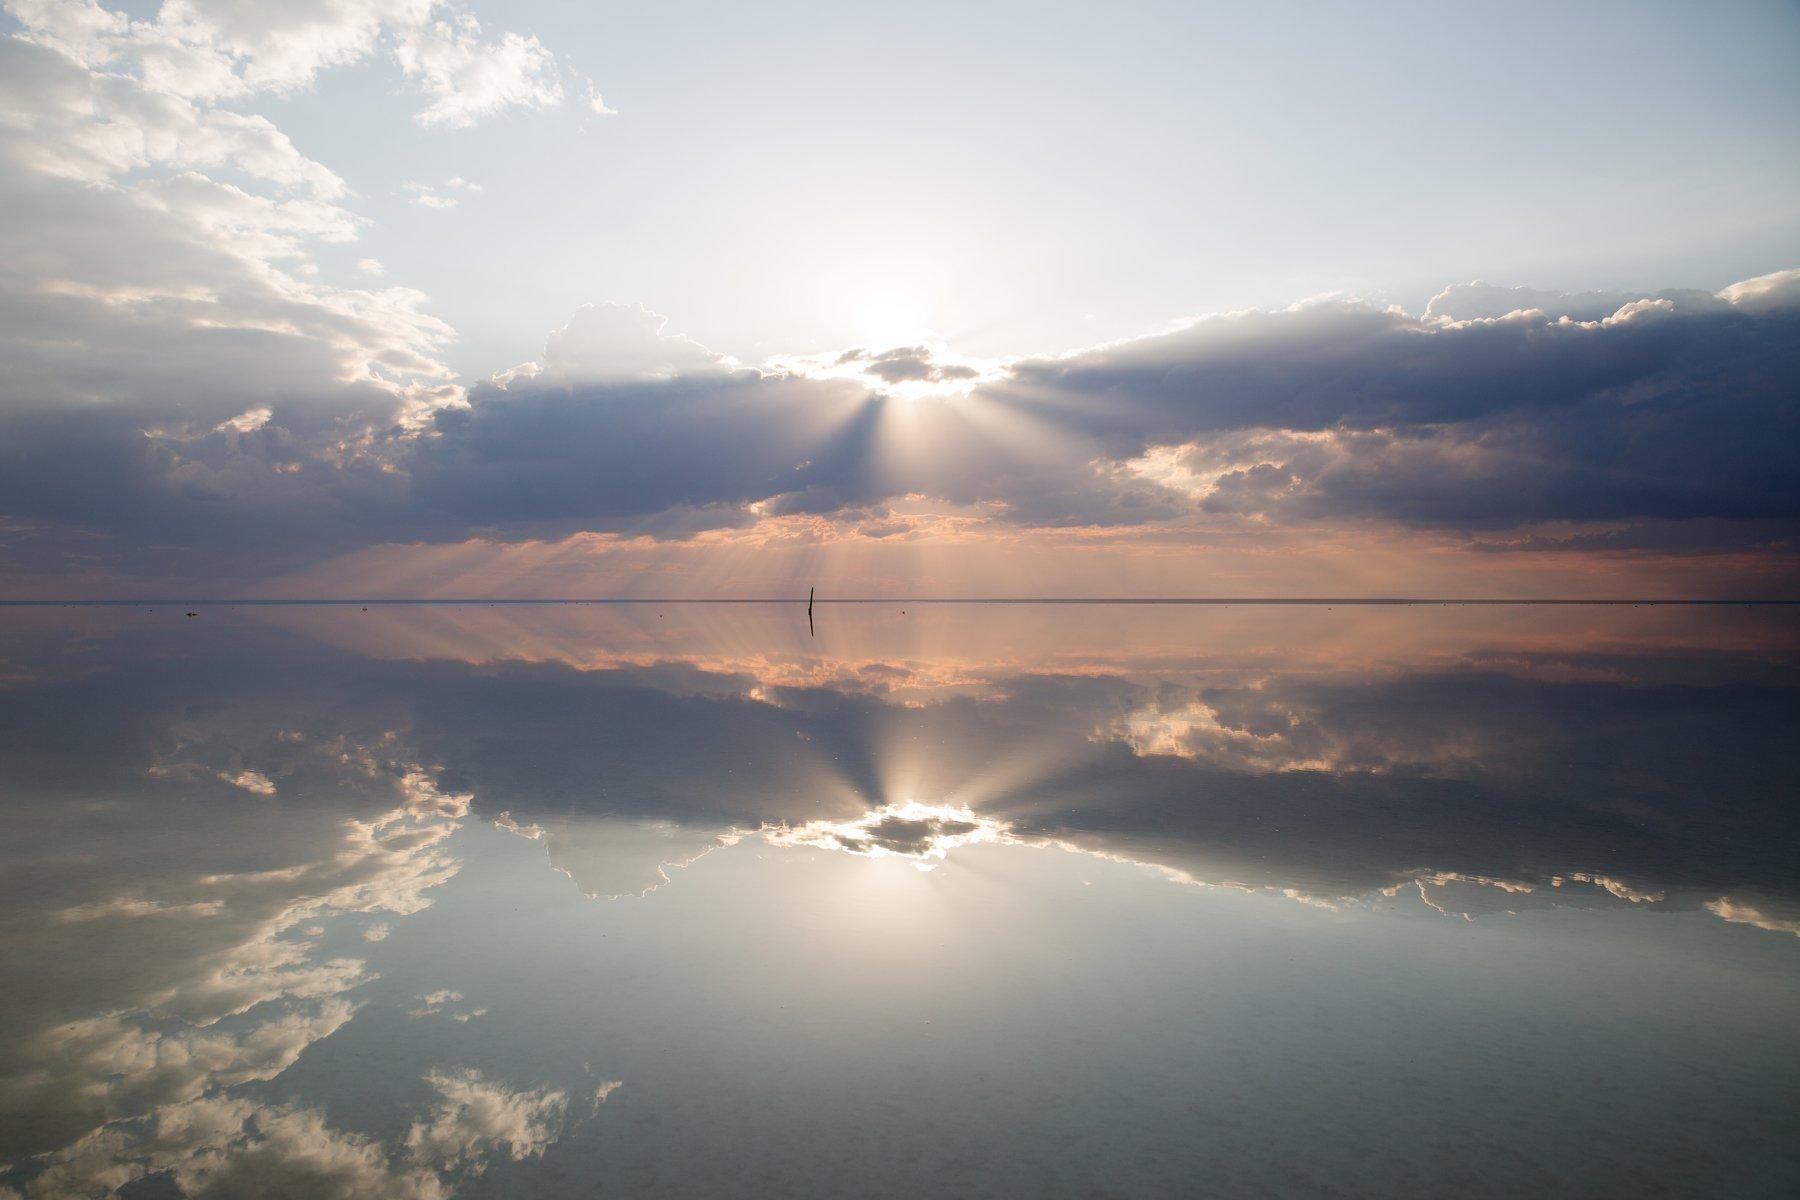 фото , цвет , отражение , небо , солнце , вода , озеро  , эльтон, Федотов Вадим(Vadius)